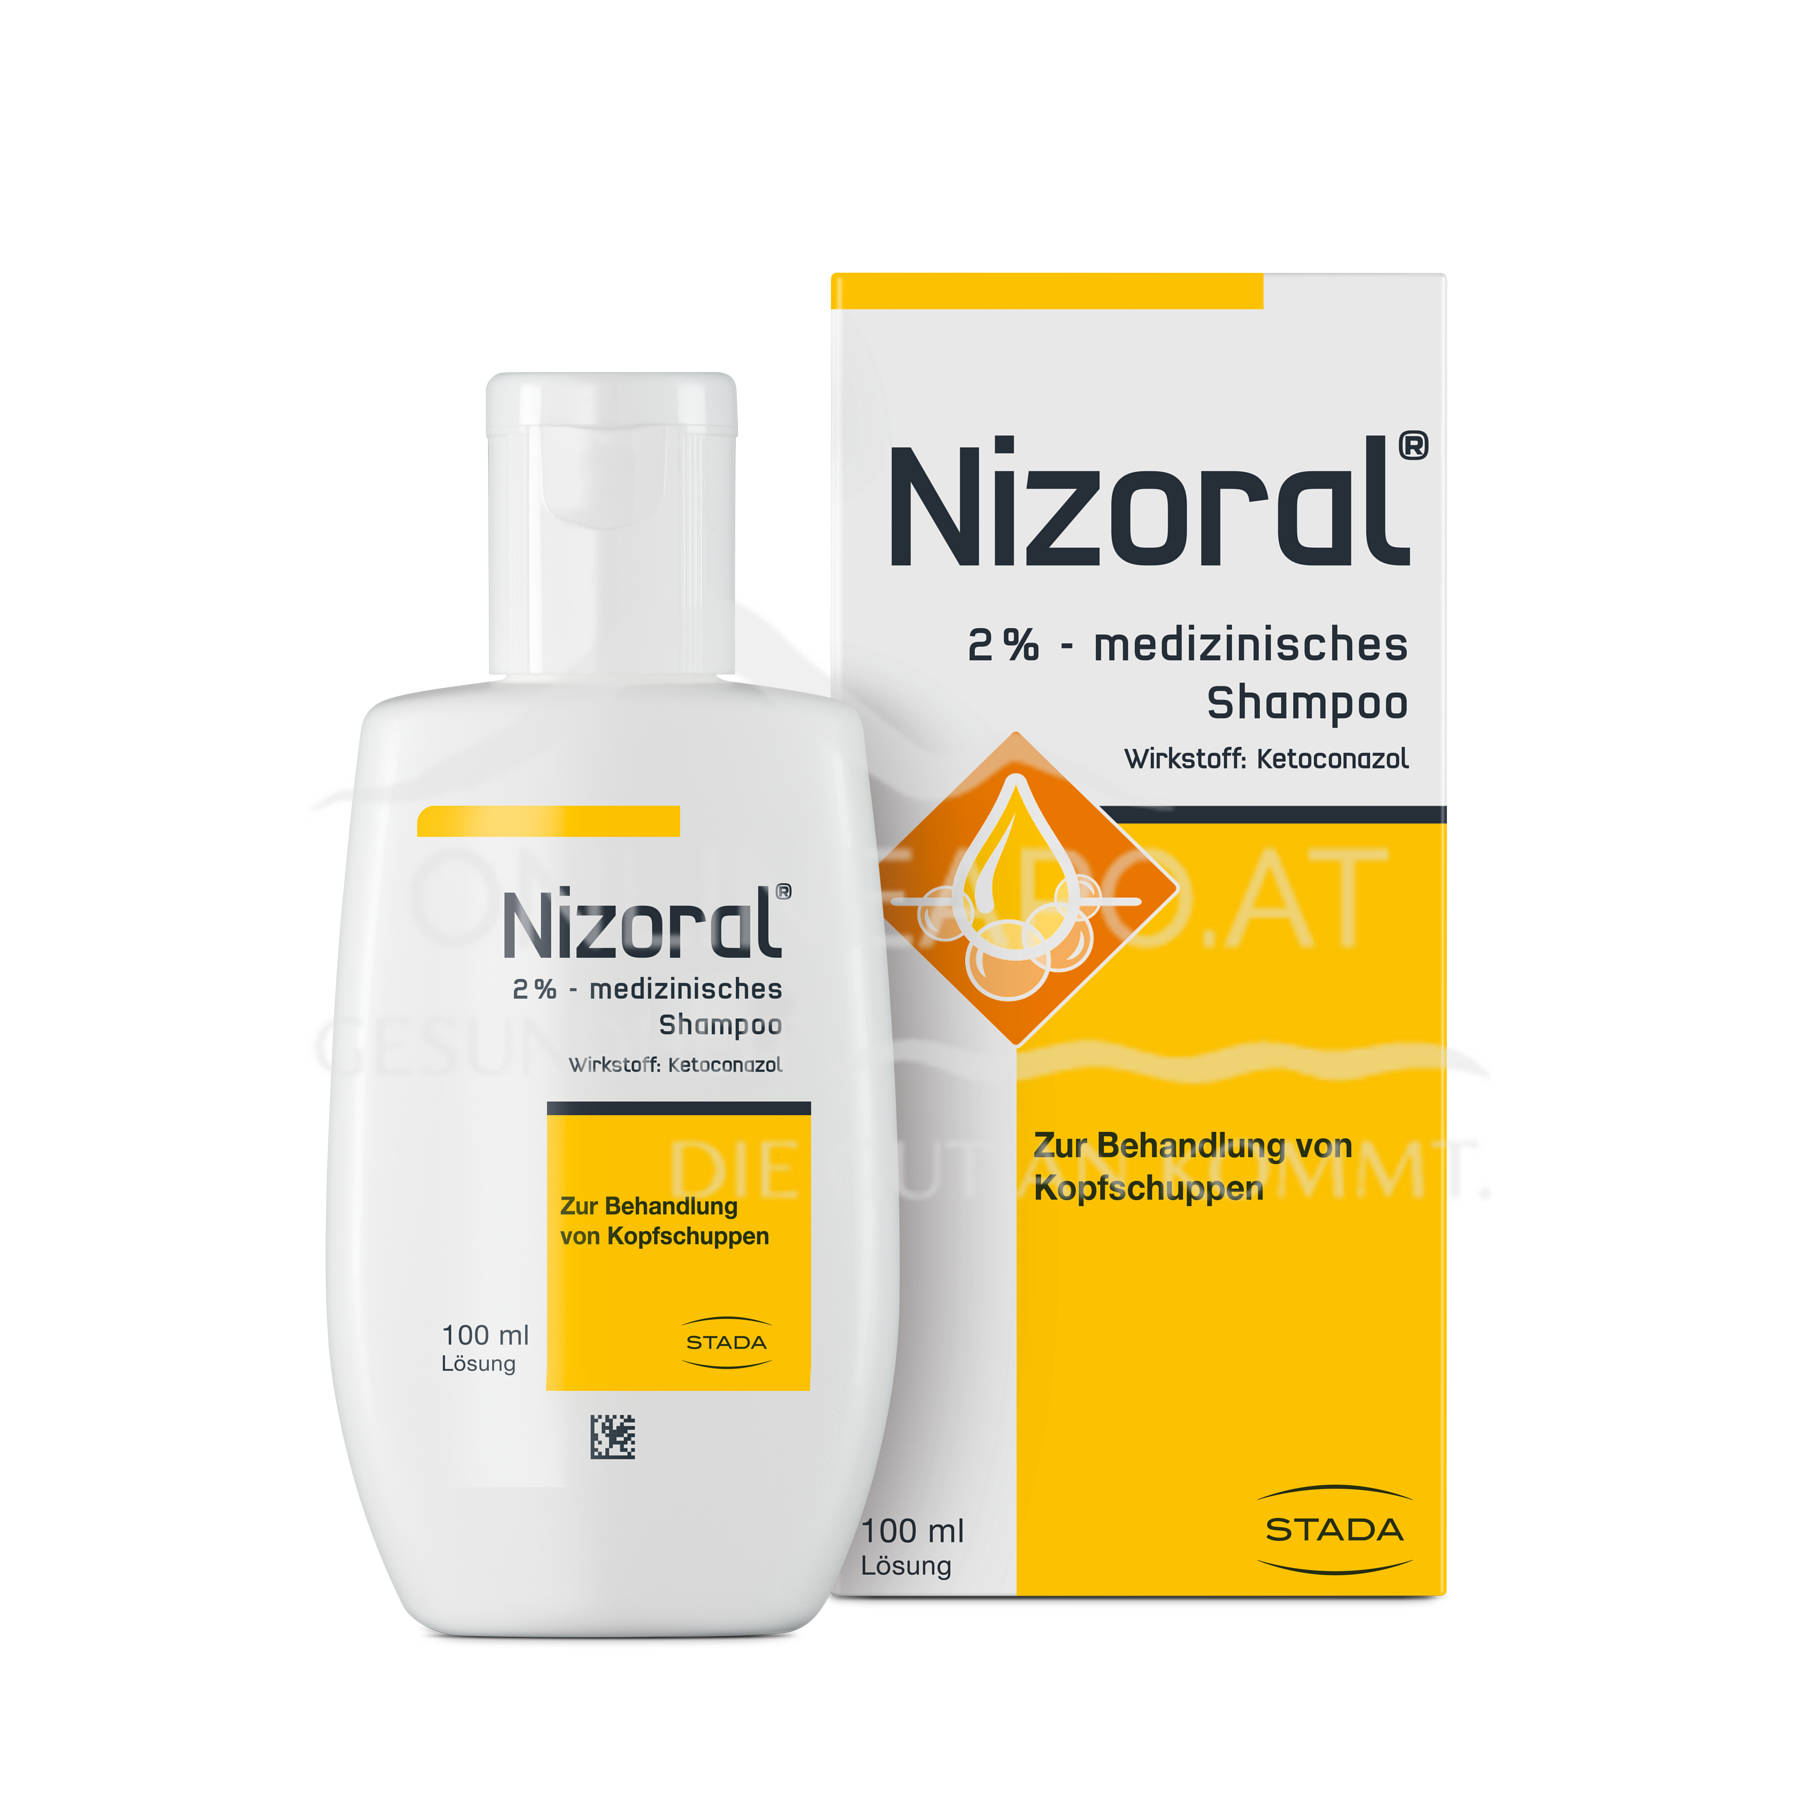 Nizoral® medizinisches Shampoo 2%